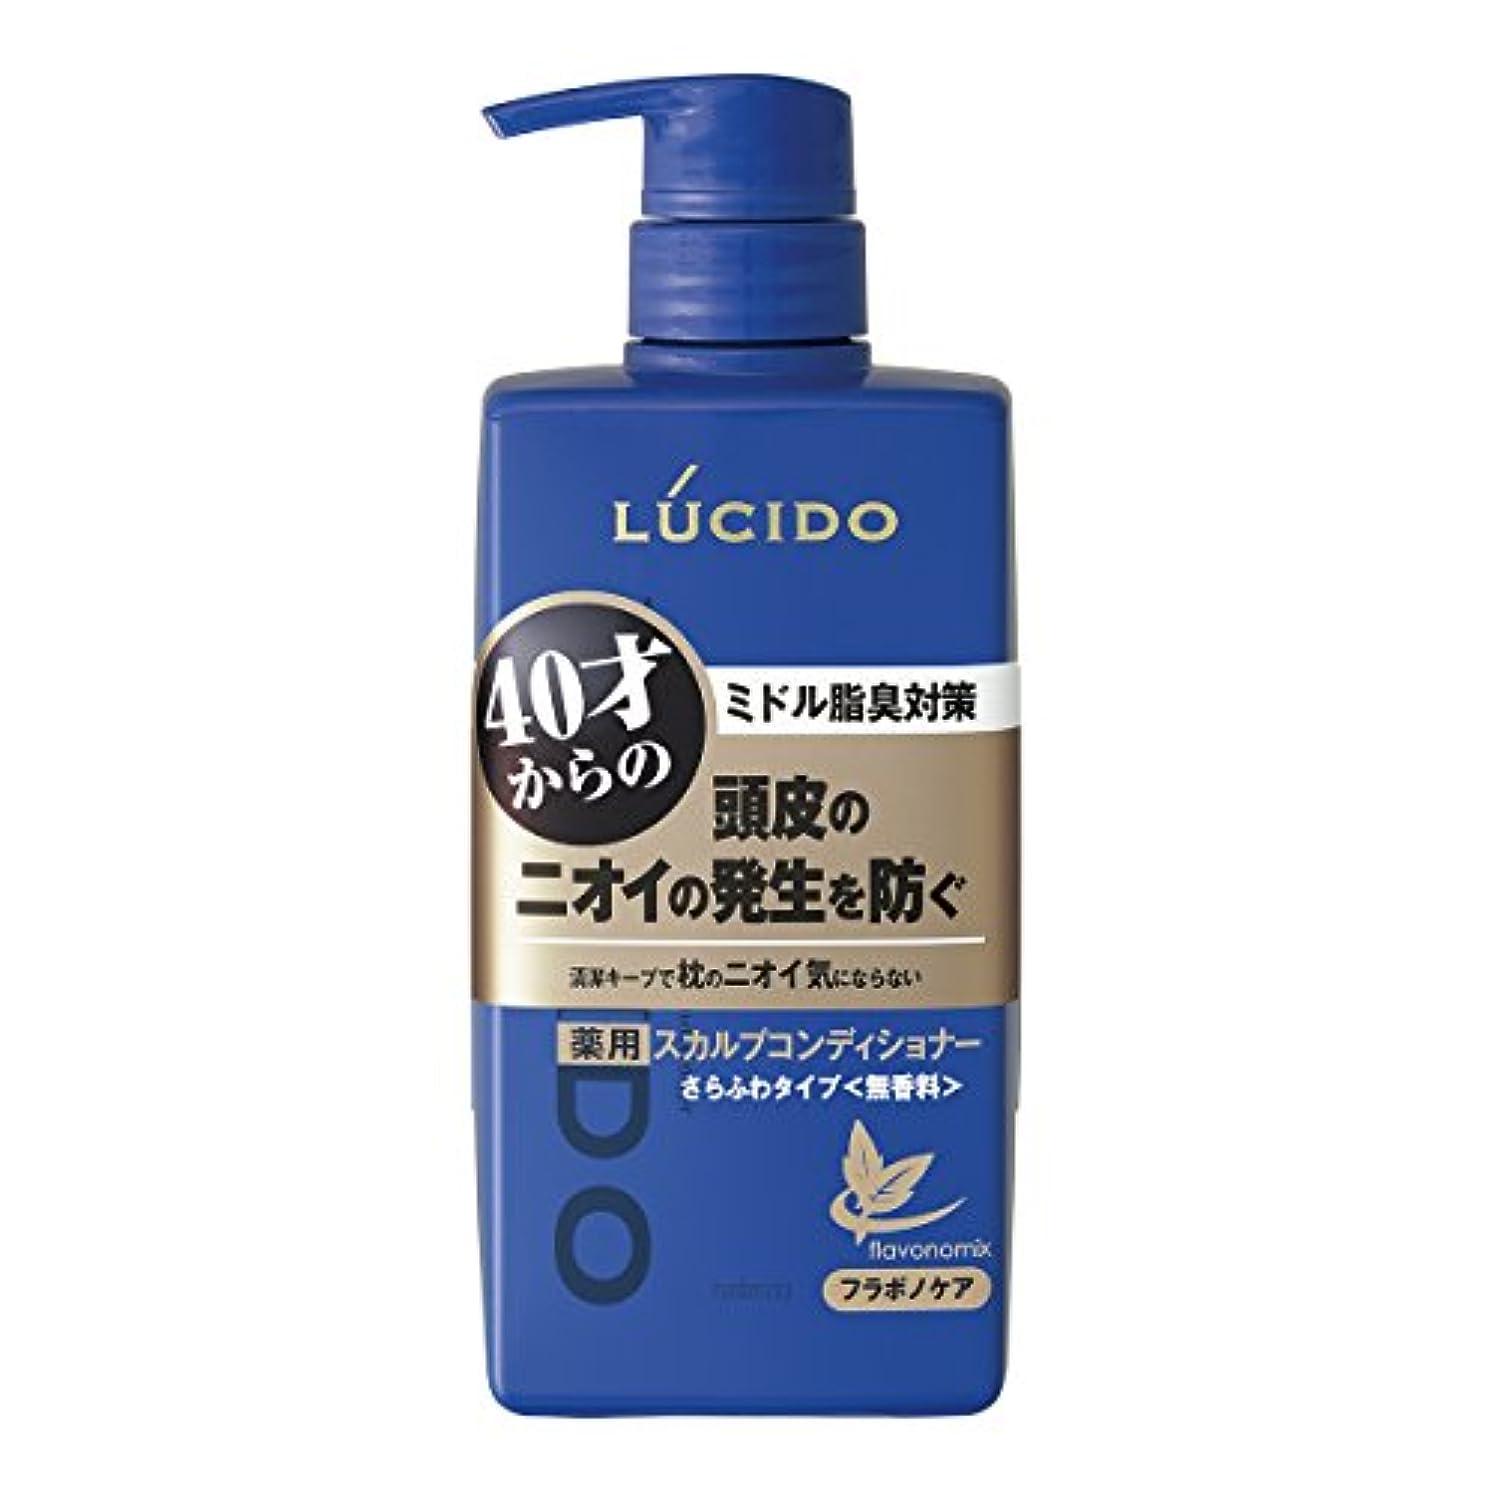 熟読なかなか改善するルシード 薬用ヘア&スカルプコンディショナー 450g(医薬部外品)